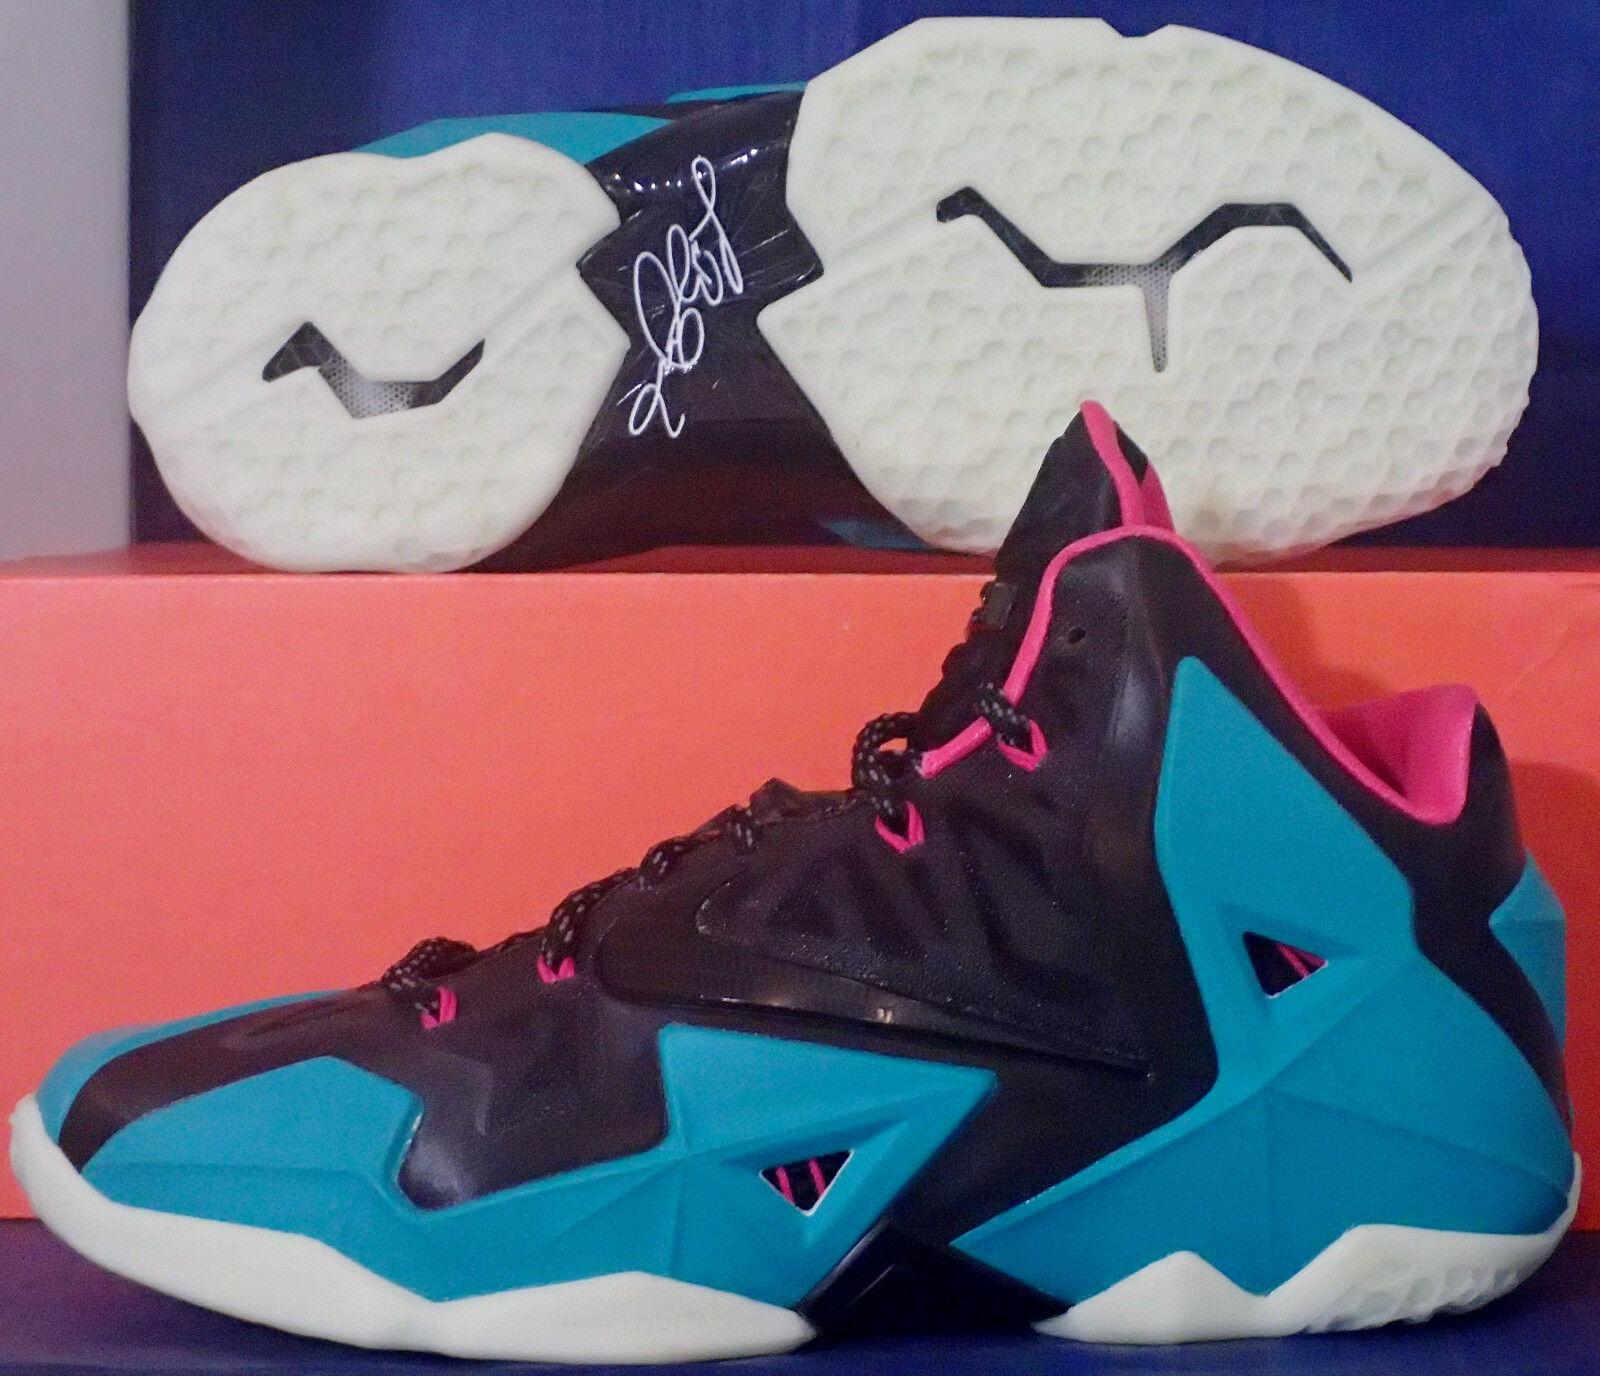 Nike lebron xi 11 id south beach sz 9 (641216-992) (641216-992) (641216-992) | Aspetto Gradevole  | Uomini/Donna Scarpa  e37081